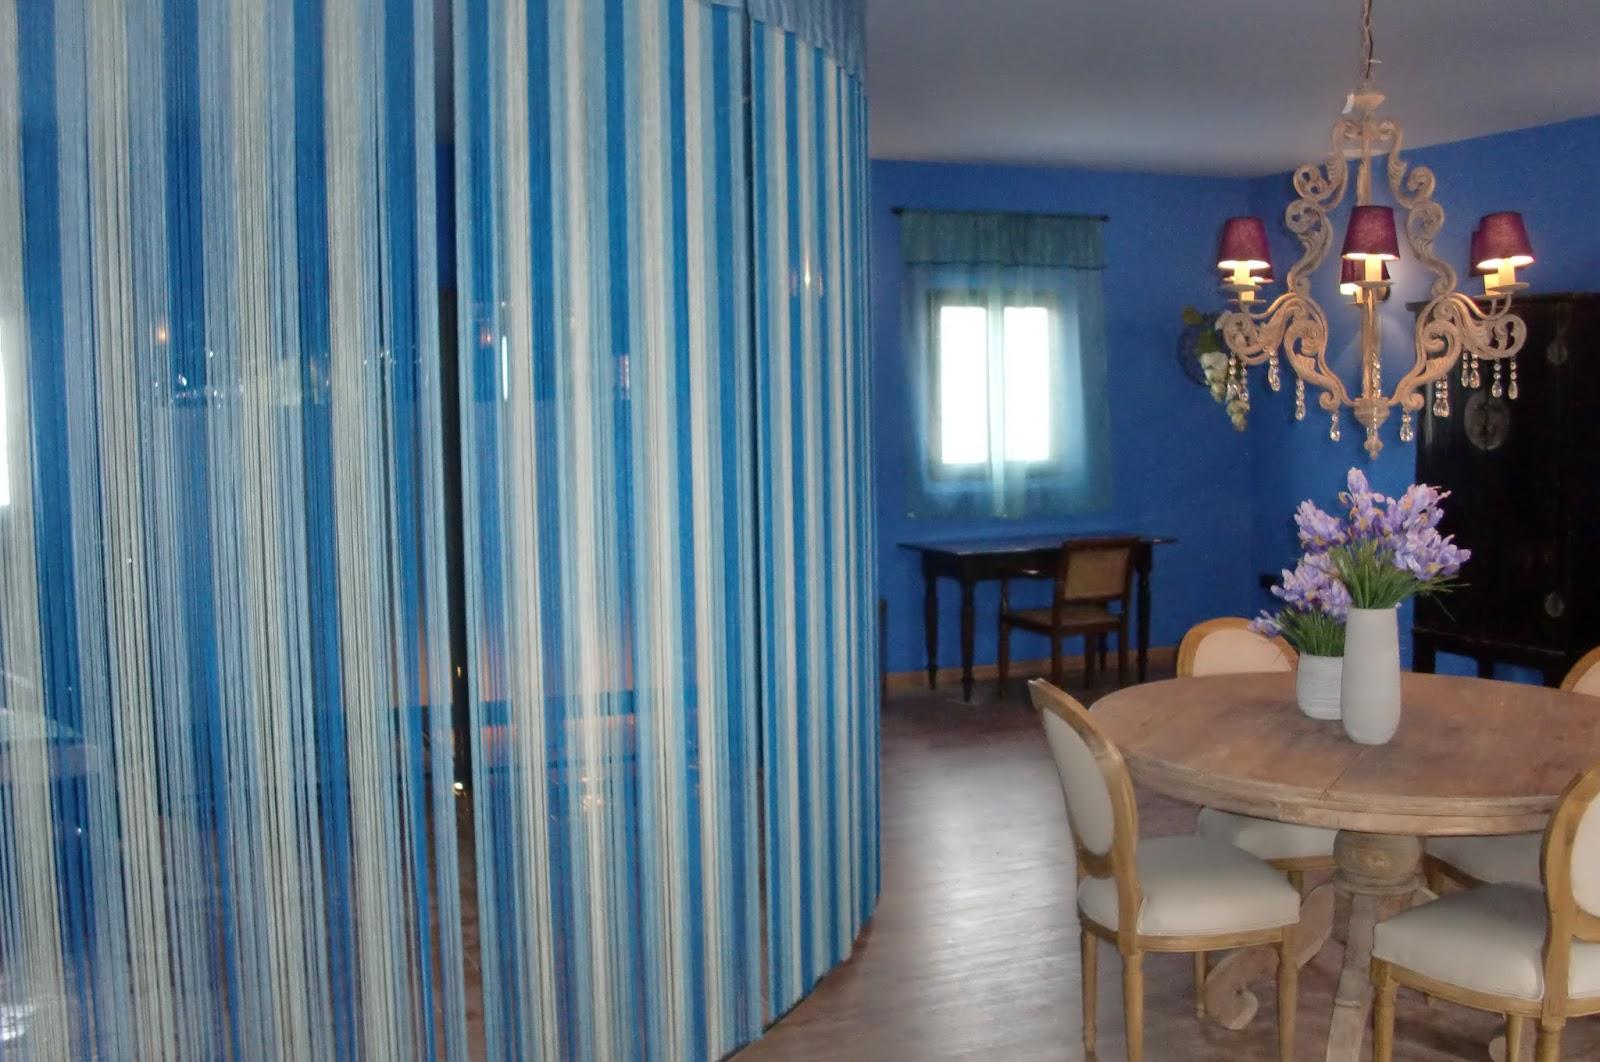 Cortinas para separar ambientes cort with cortinas para - Cortinas para separar ambientes ...